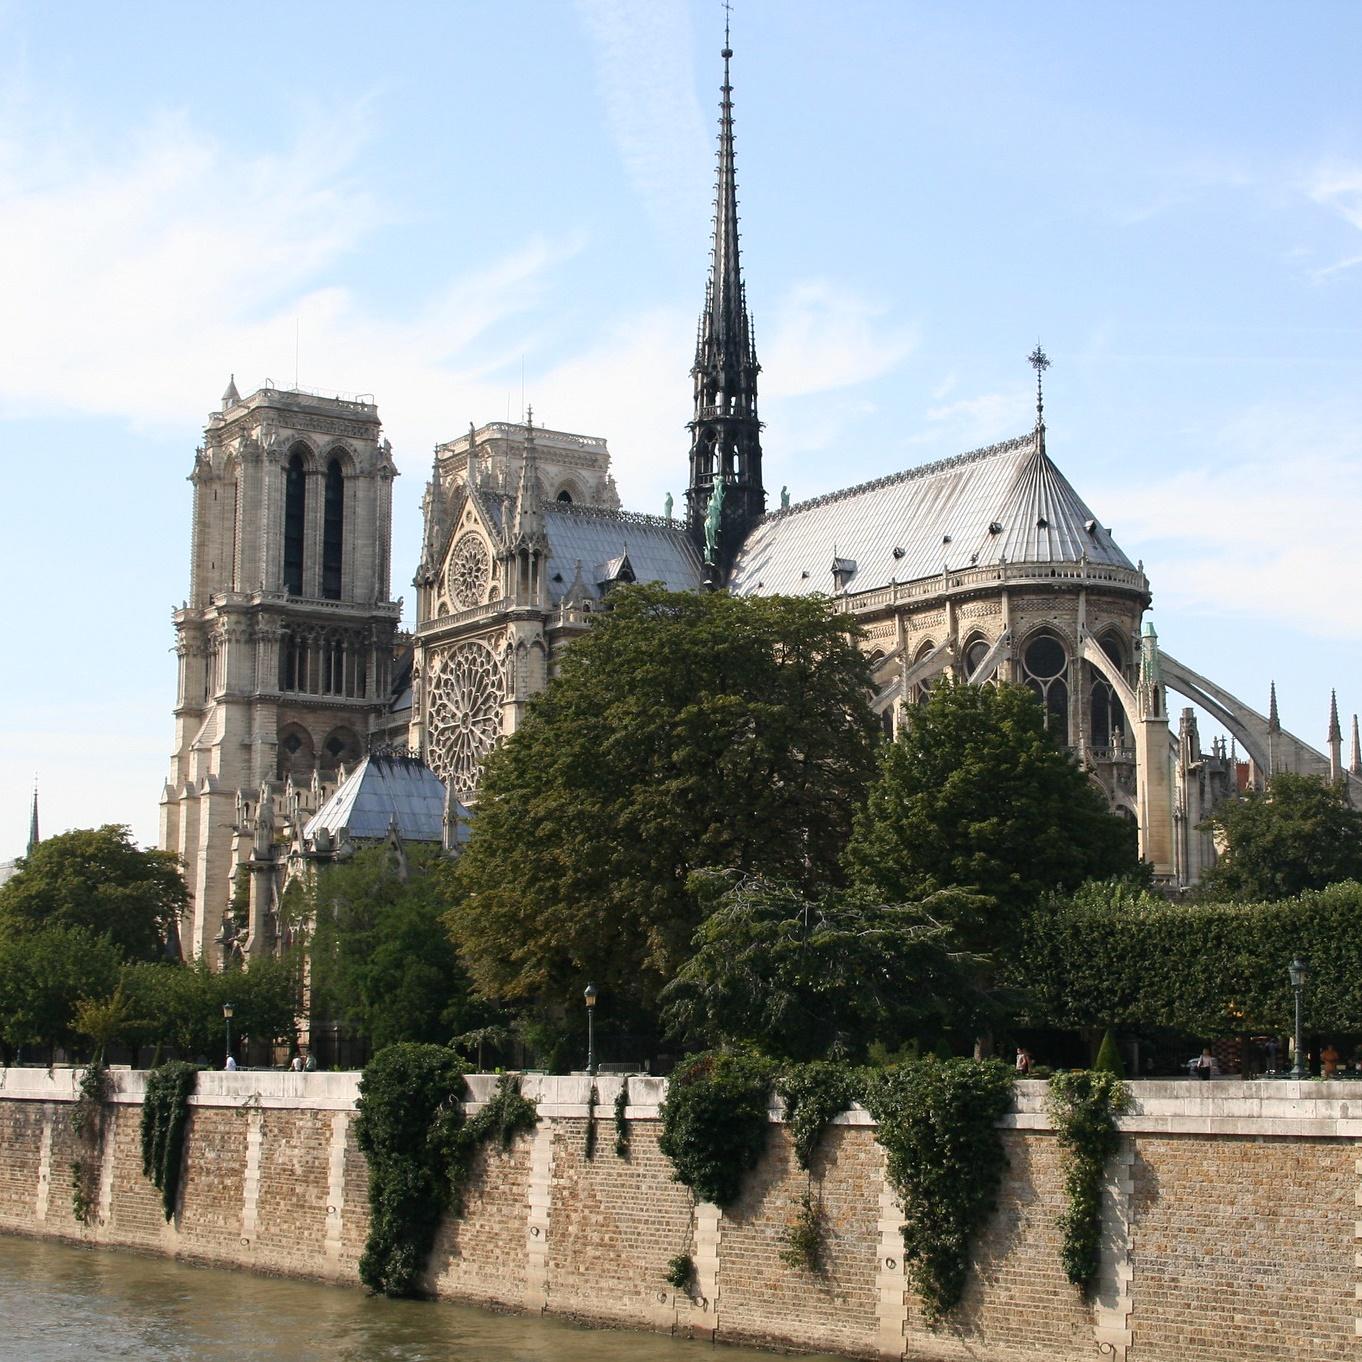 La cathédrale de Notre-Dame de Paris (photo de Marion Kilhoffer)